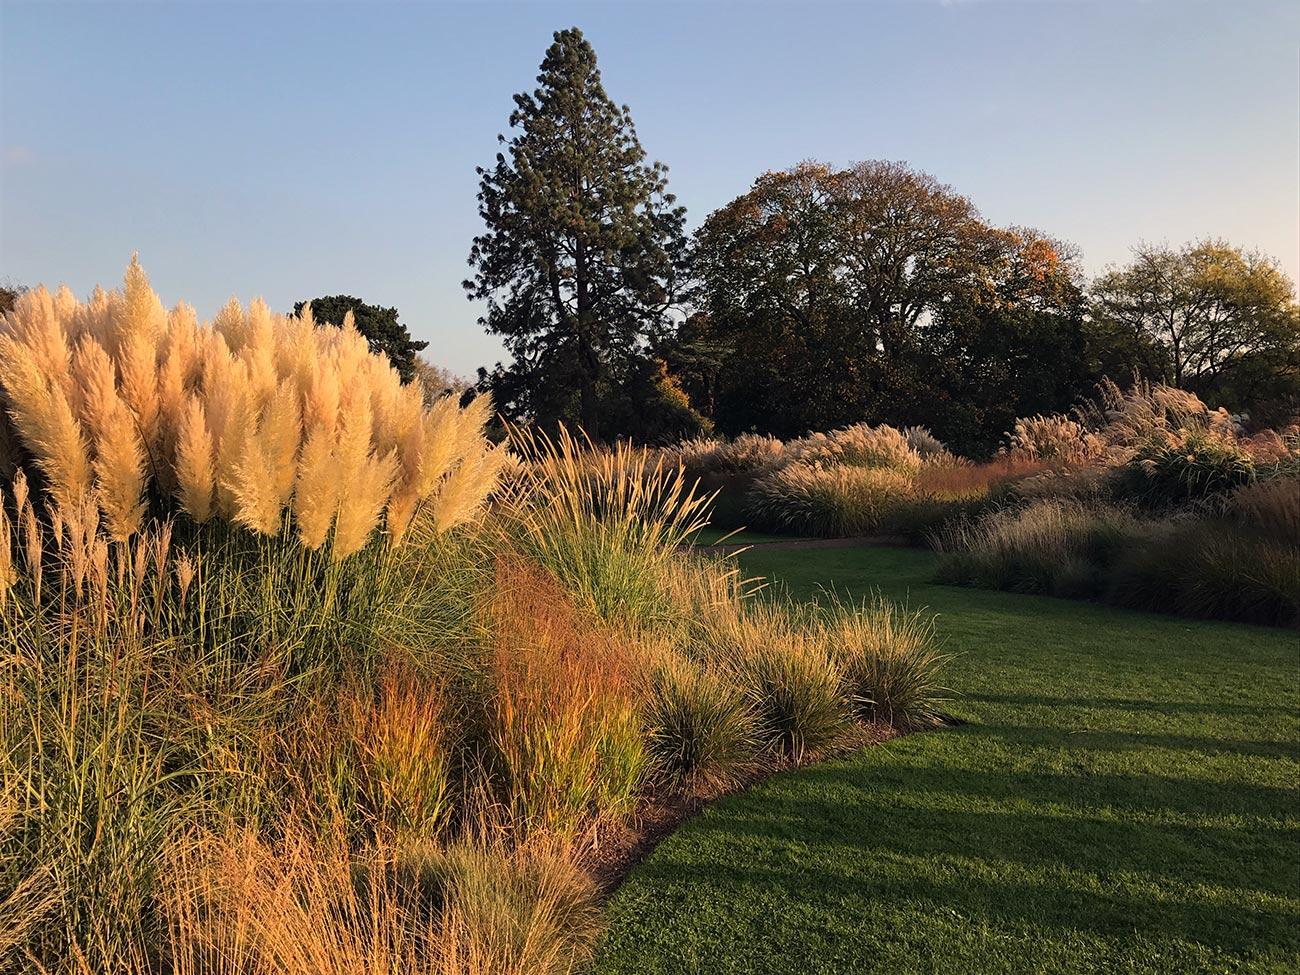 Jardin anglais graminées- ambiance massif d'automne - Architecte paysagiste concepteur - Atelier Naudier - Montpellier & Aix en Provence - aménagement jardin